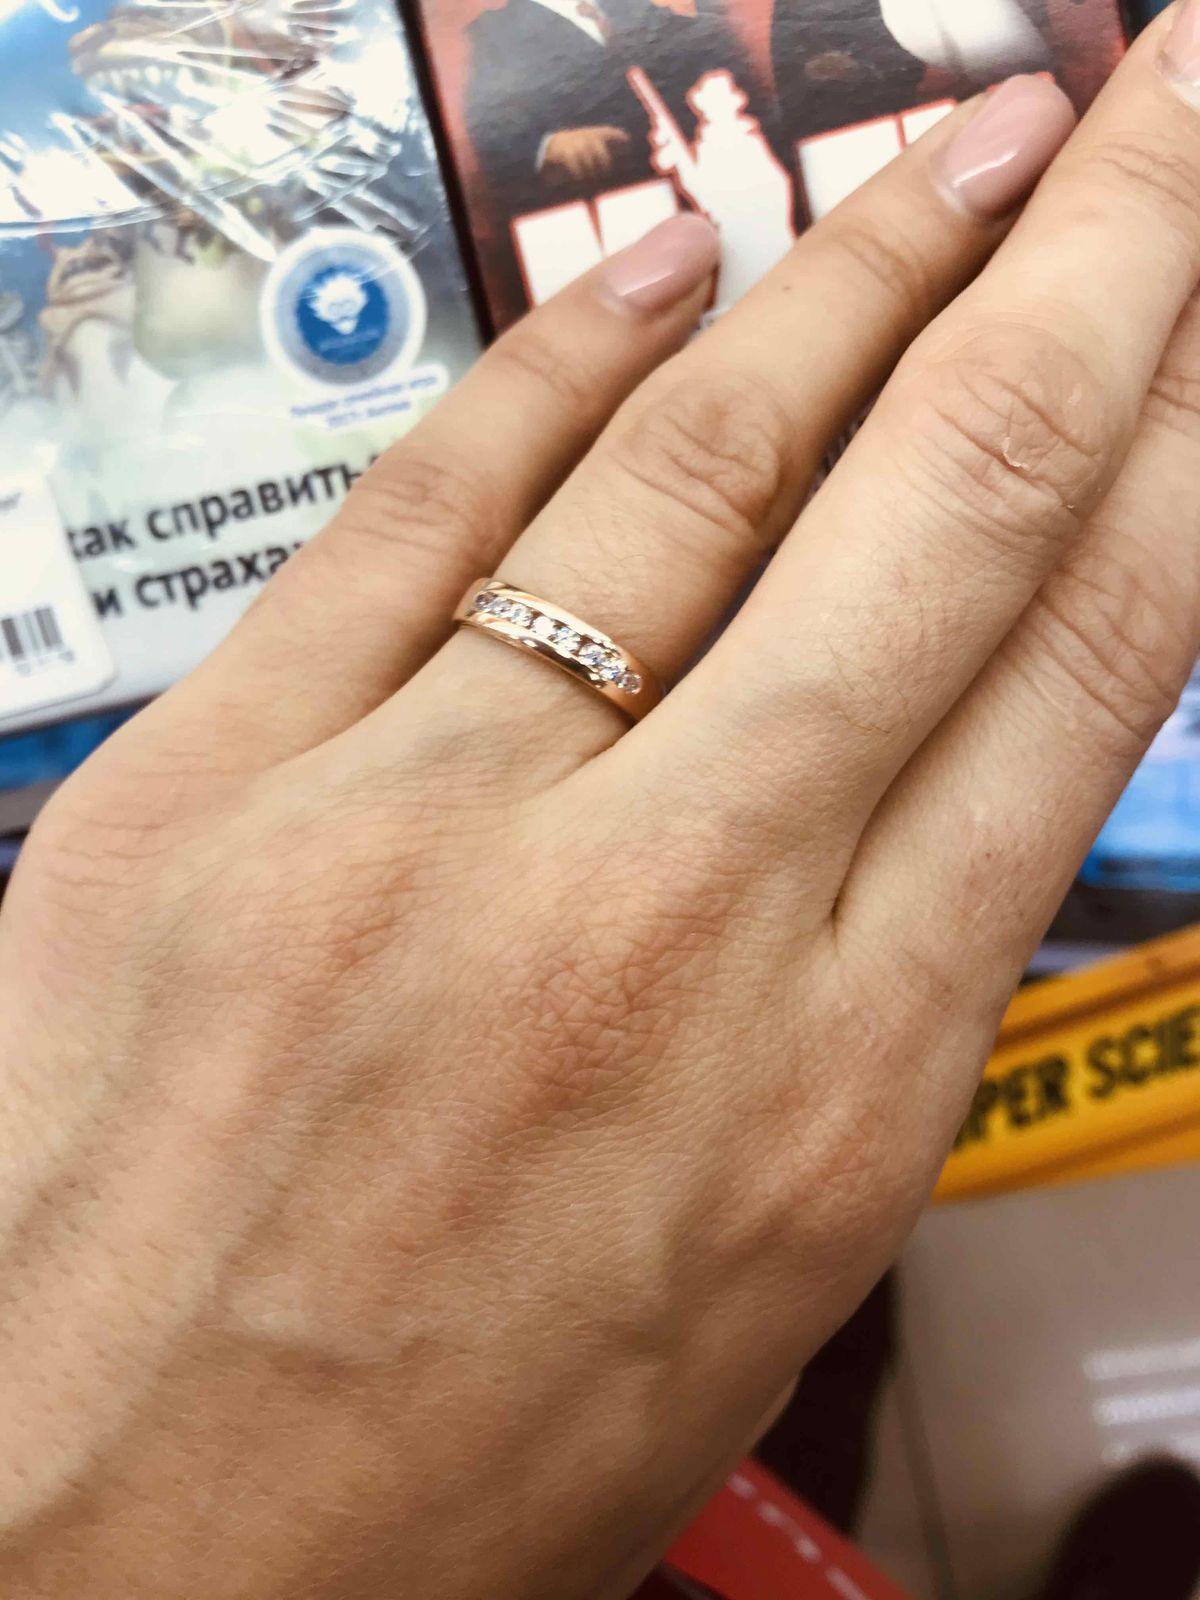 Супер кольцо с хорошим дизайном